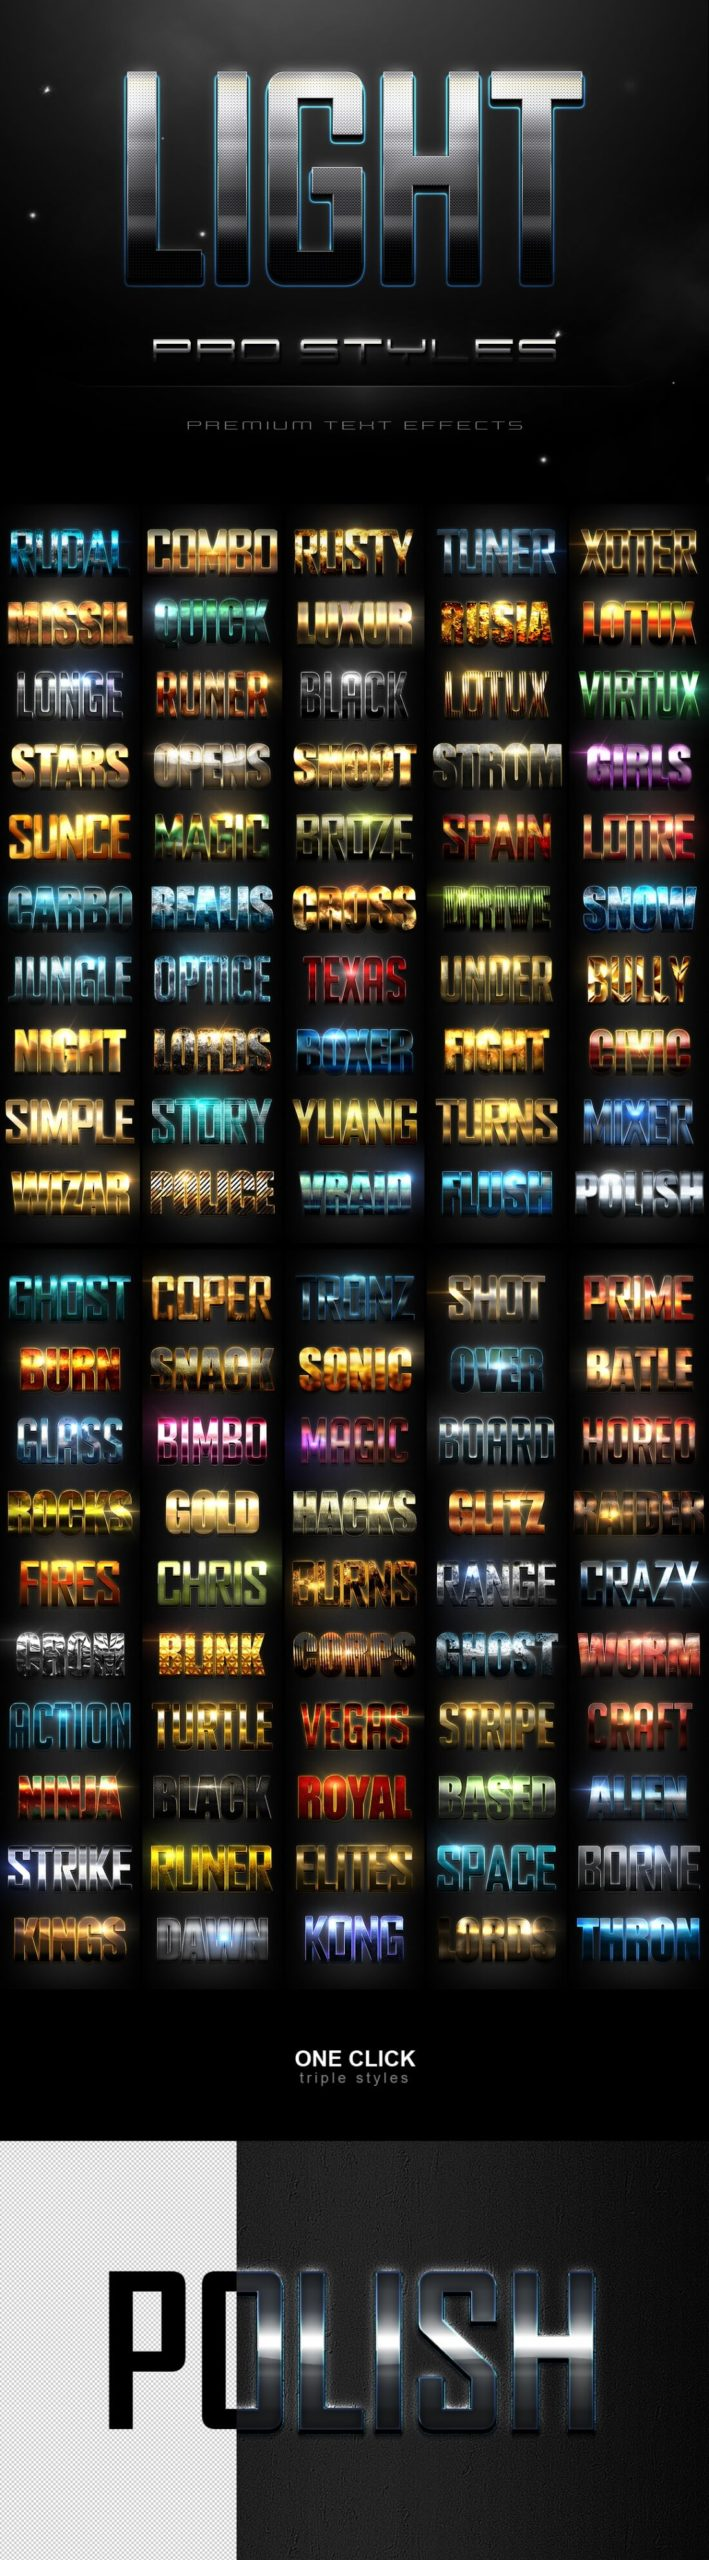 900多款3D立体金属质感标题Logo设计PS文字样式模板 900 Premium Photoshop Text Effects插图7